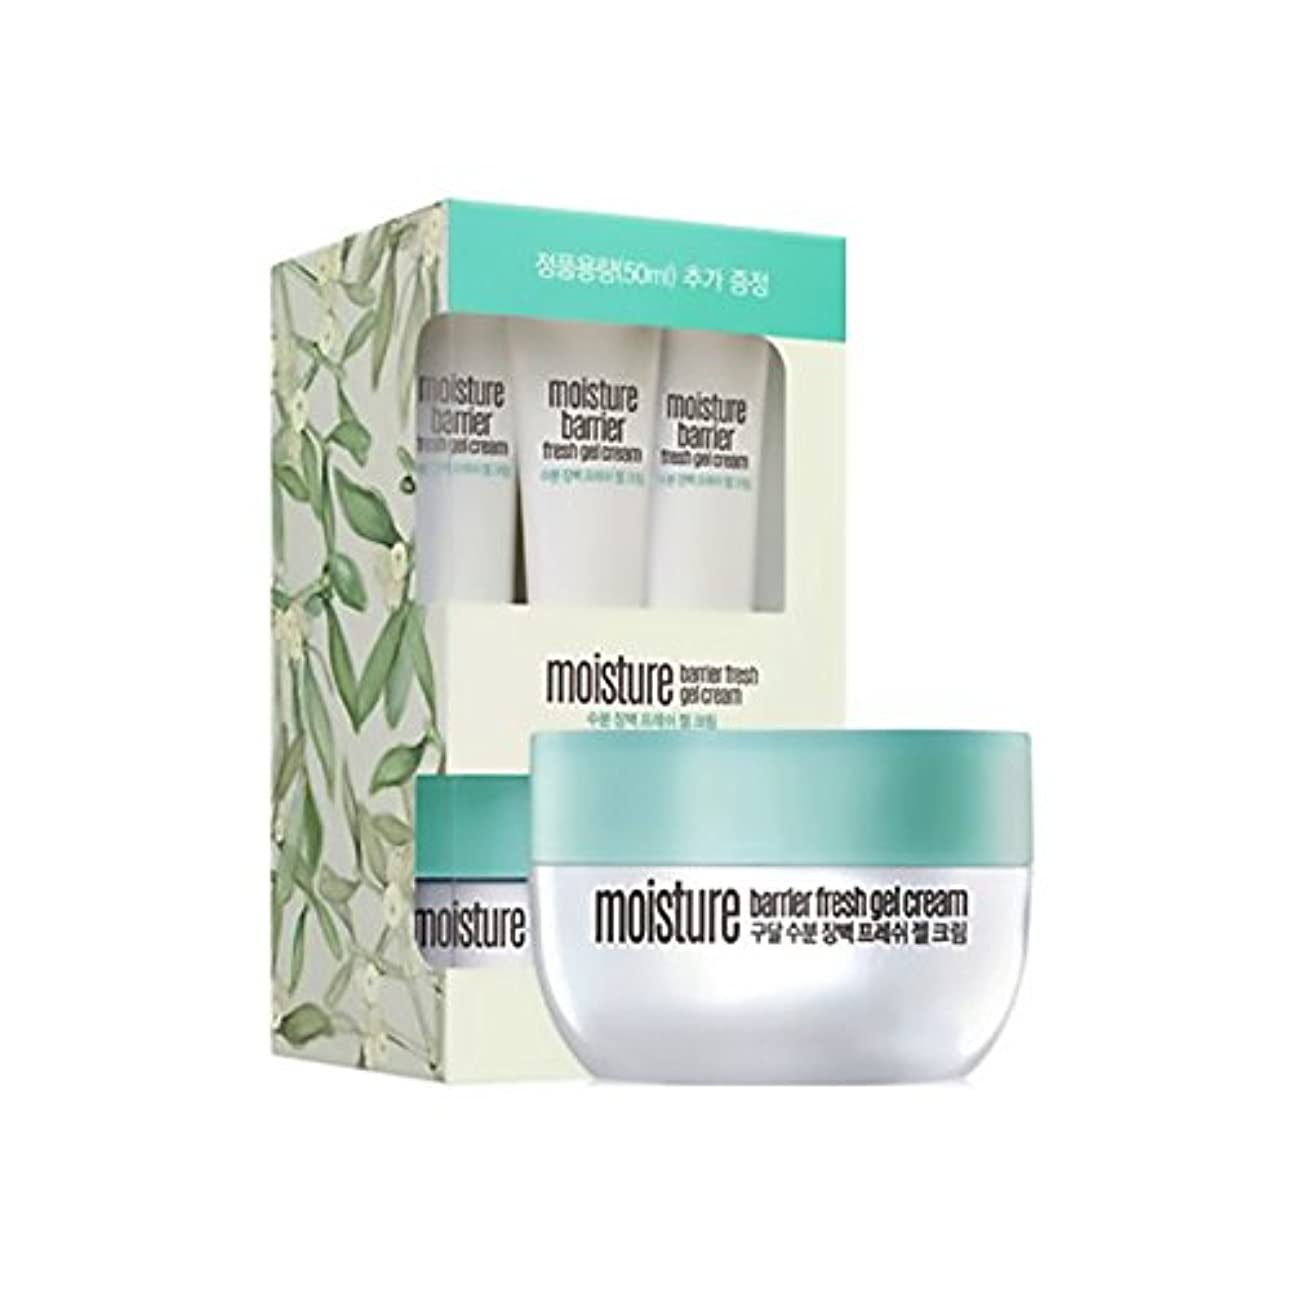 心配馬力軍隊goodal moisture barrier fresh gel cream set